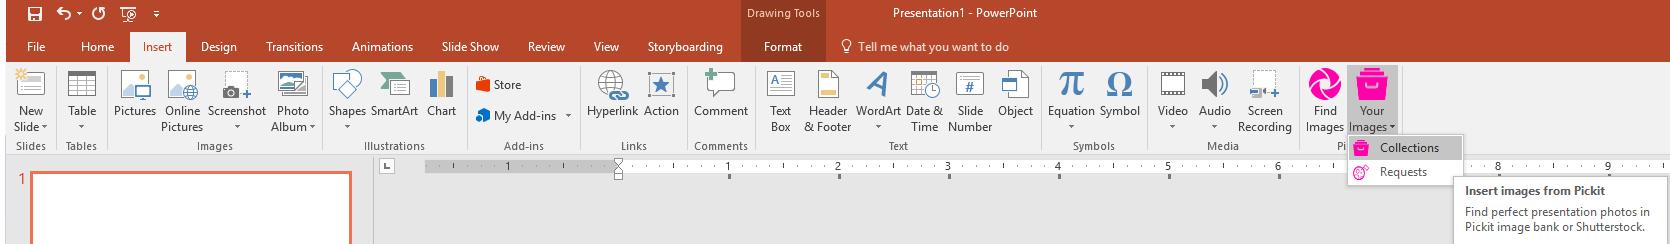 Office как платфома для разработки набирает обороты - 2